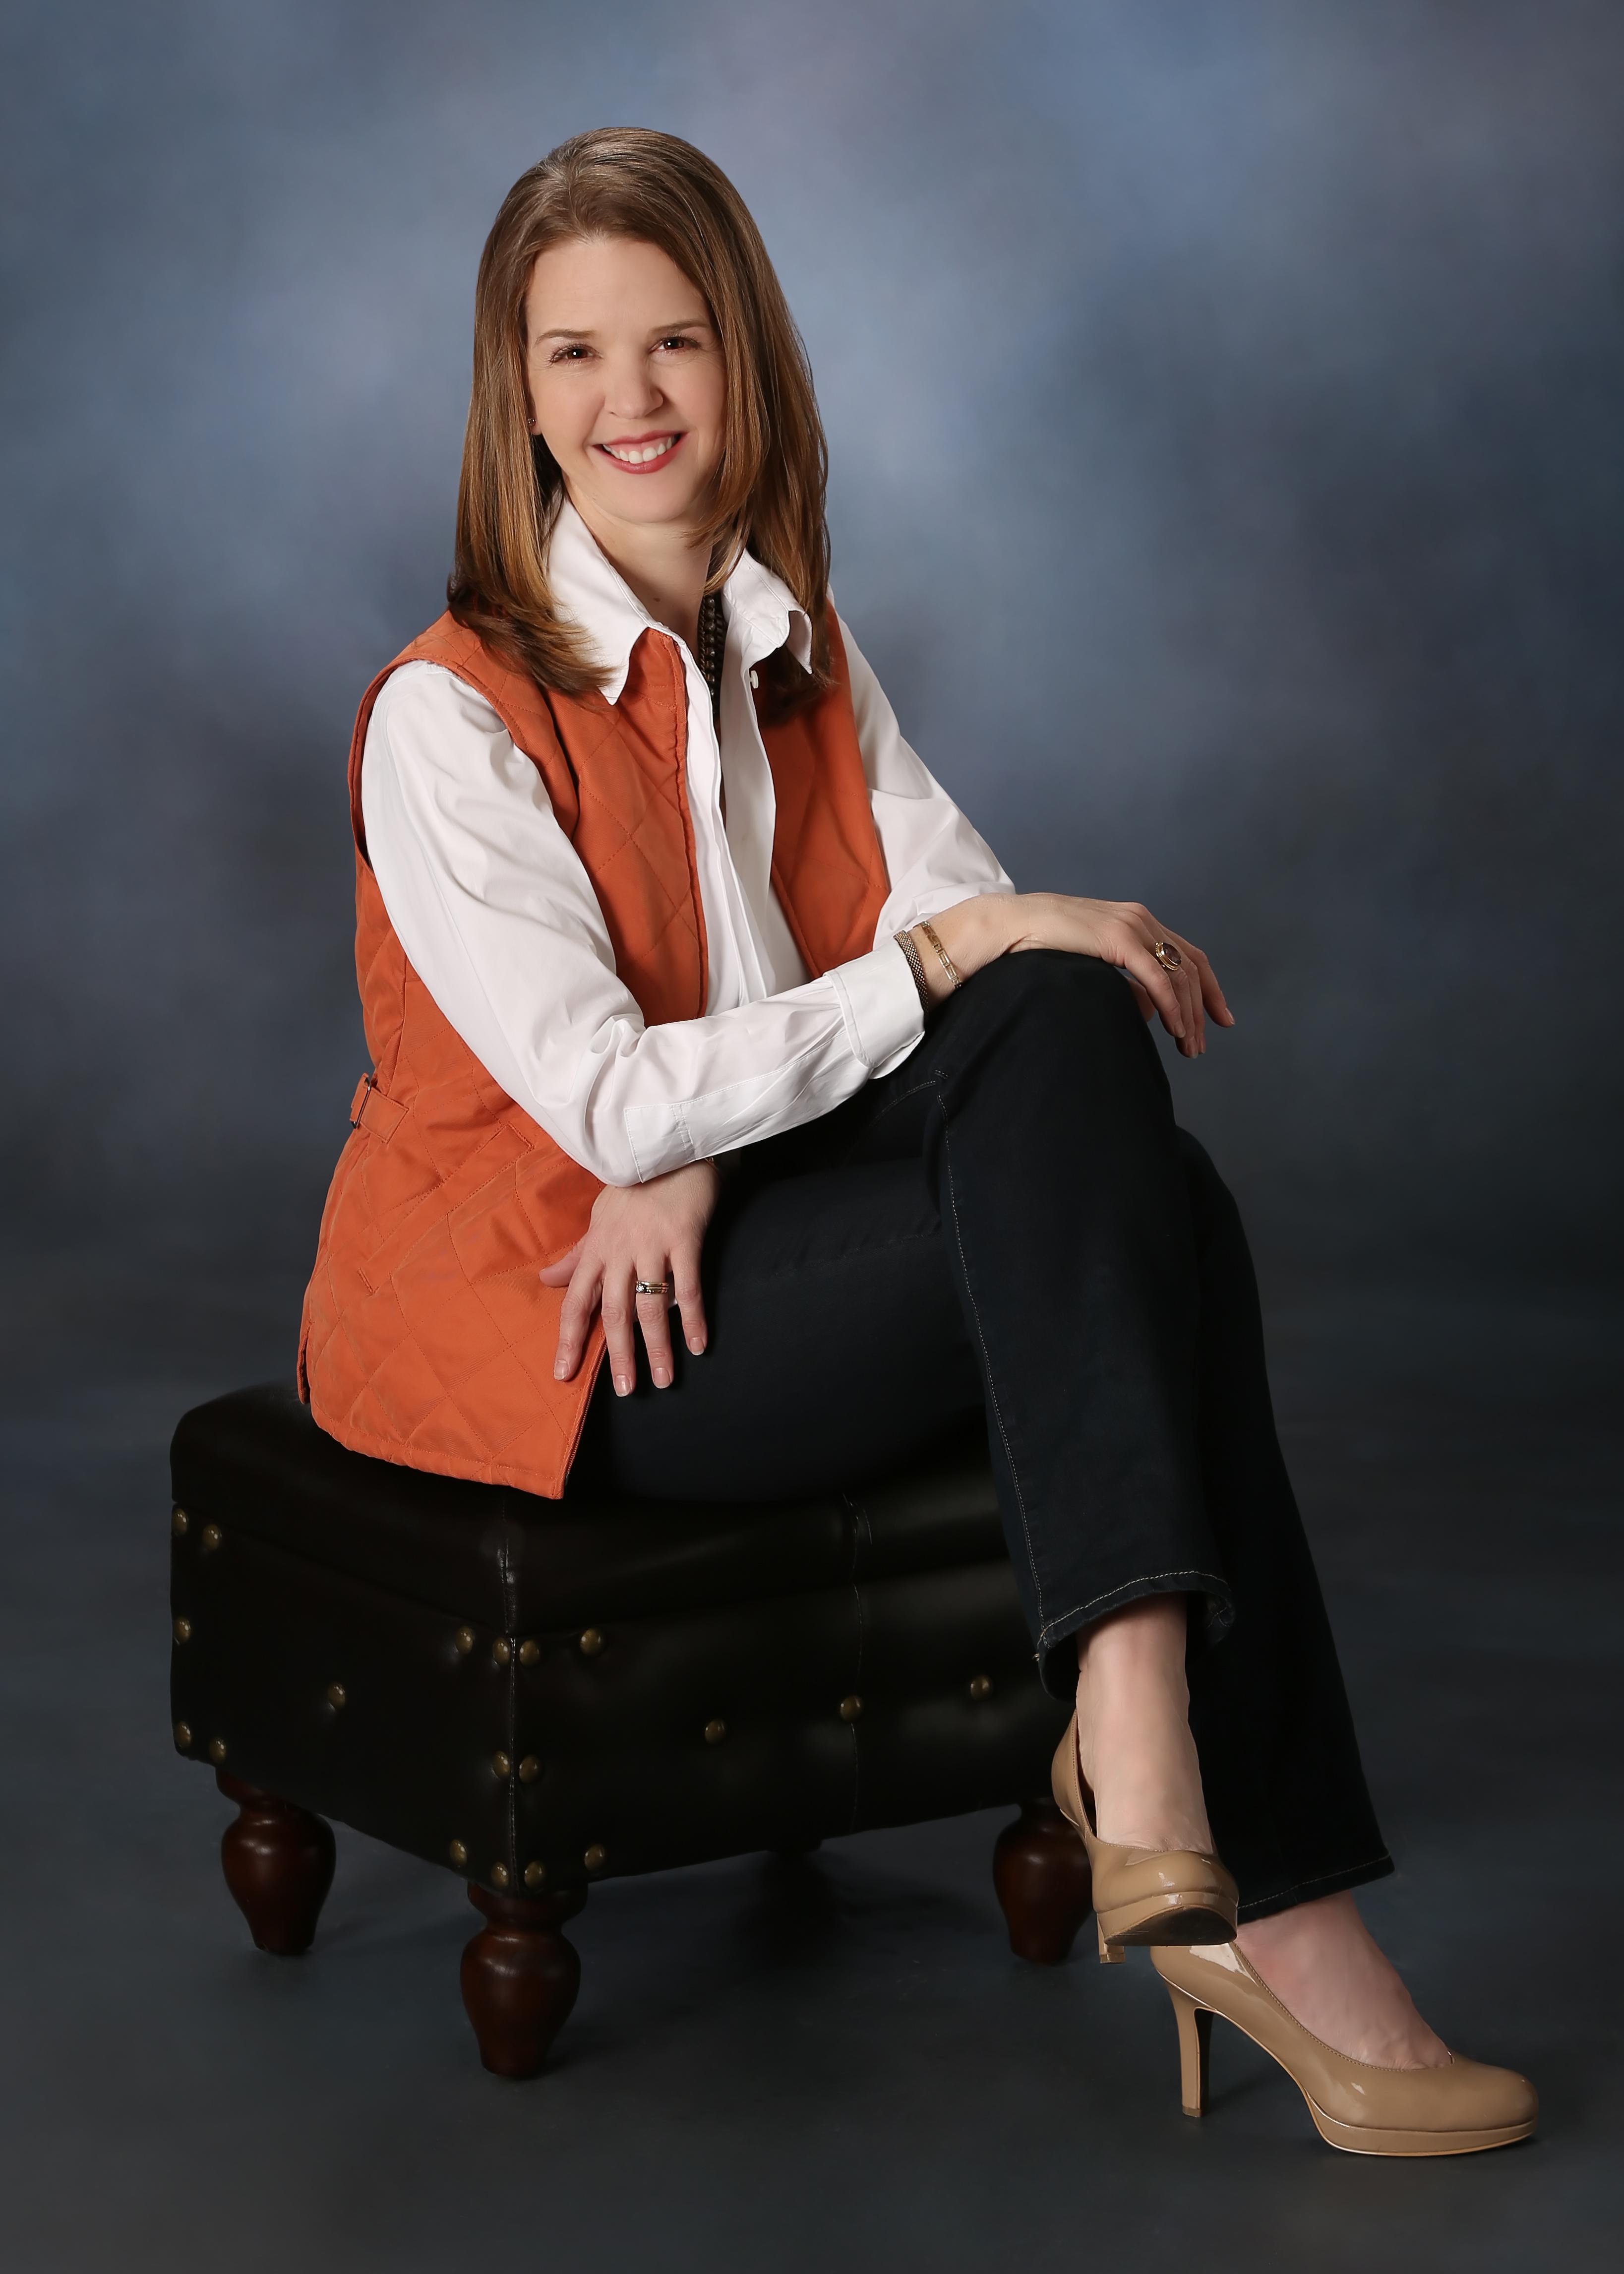 Katherine Hawks